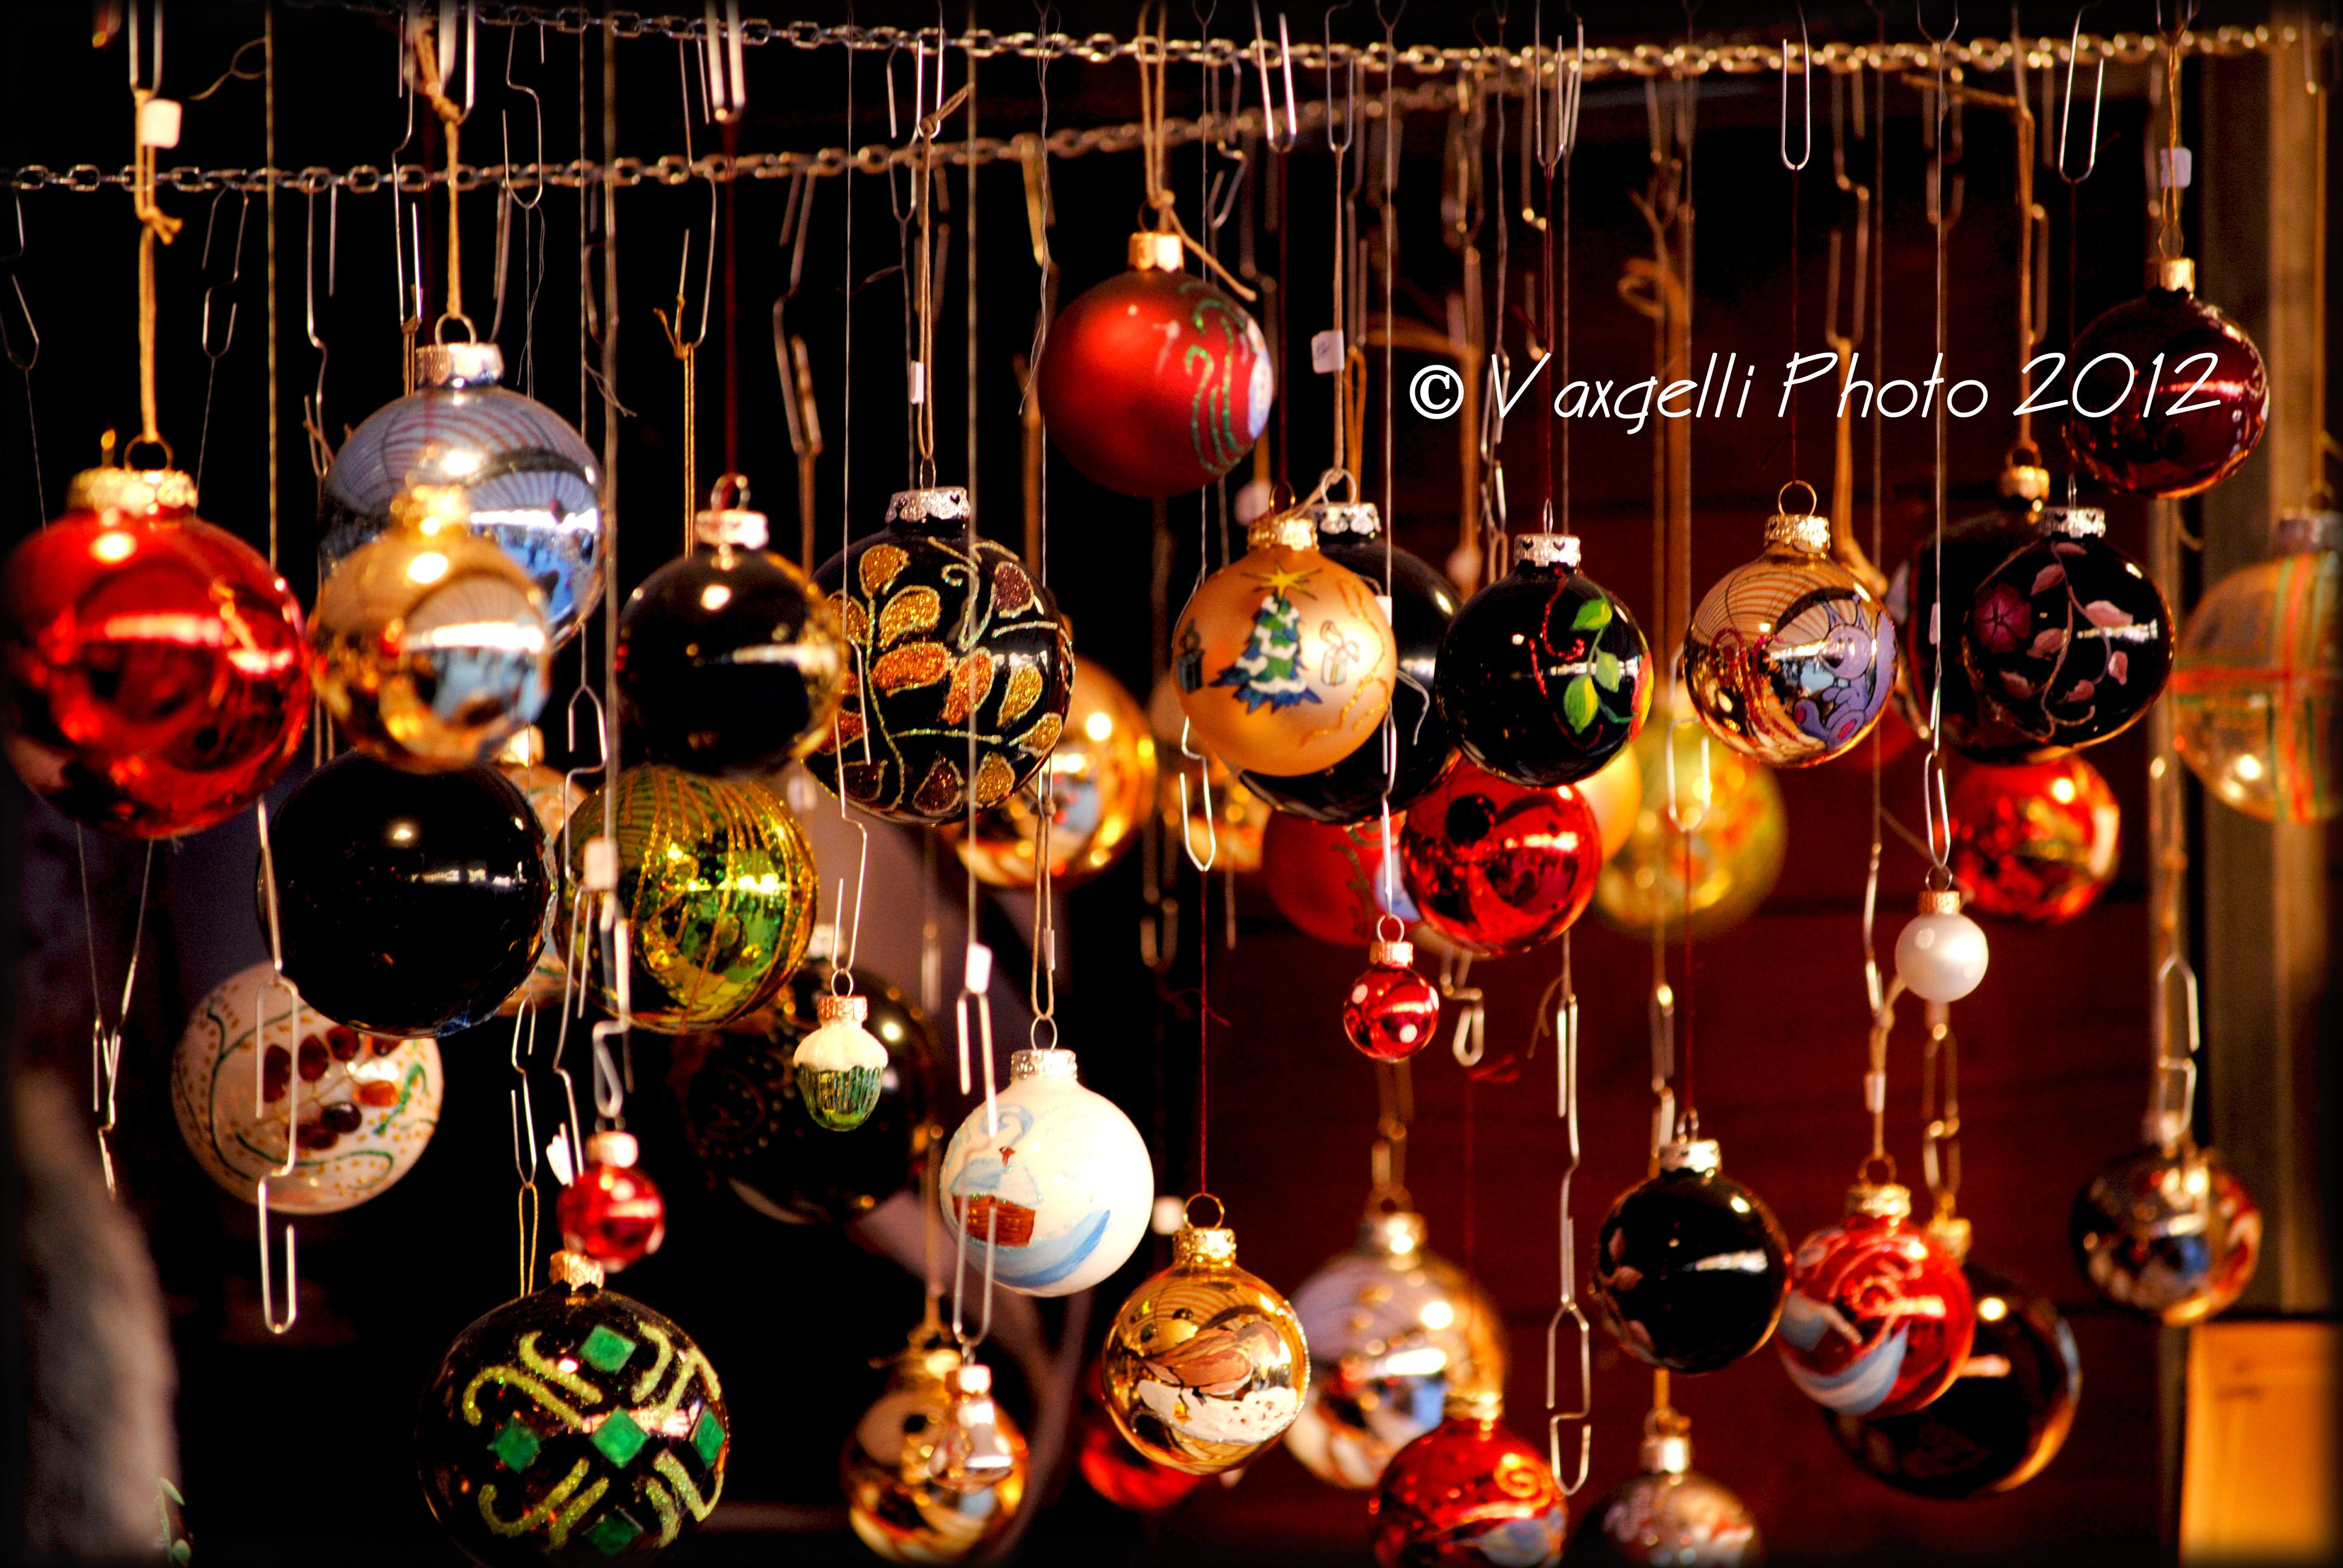 Mercatini di Natale in piazza Santa Croce a Firenze